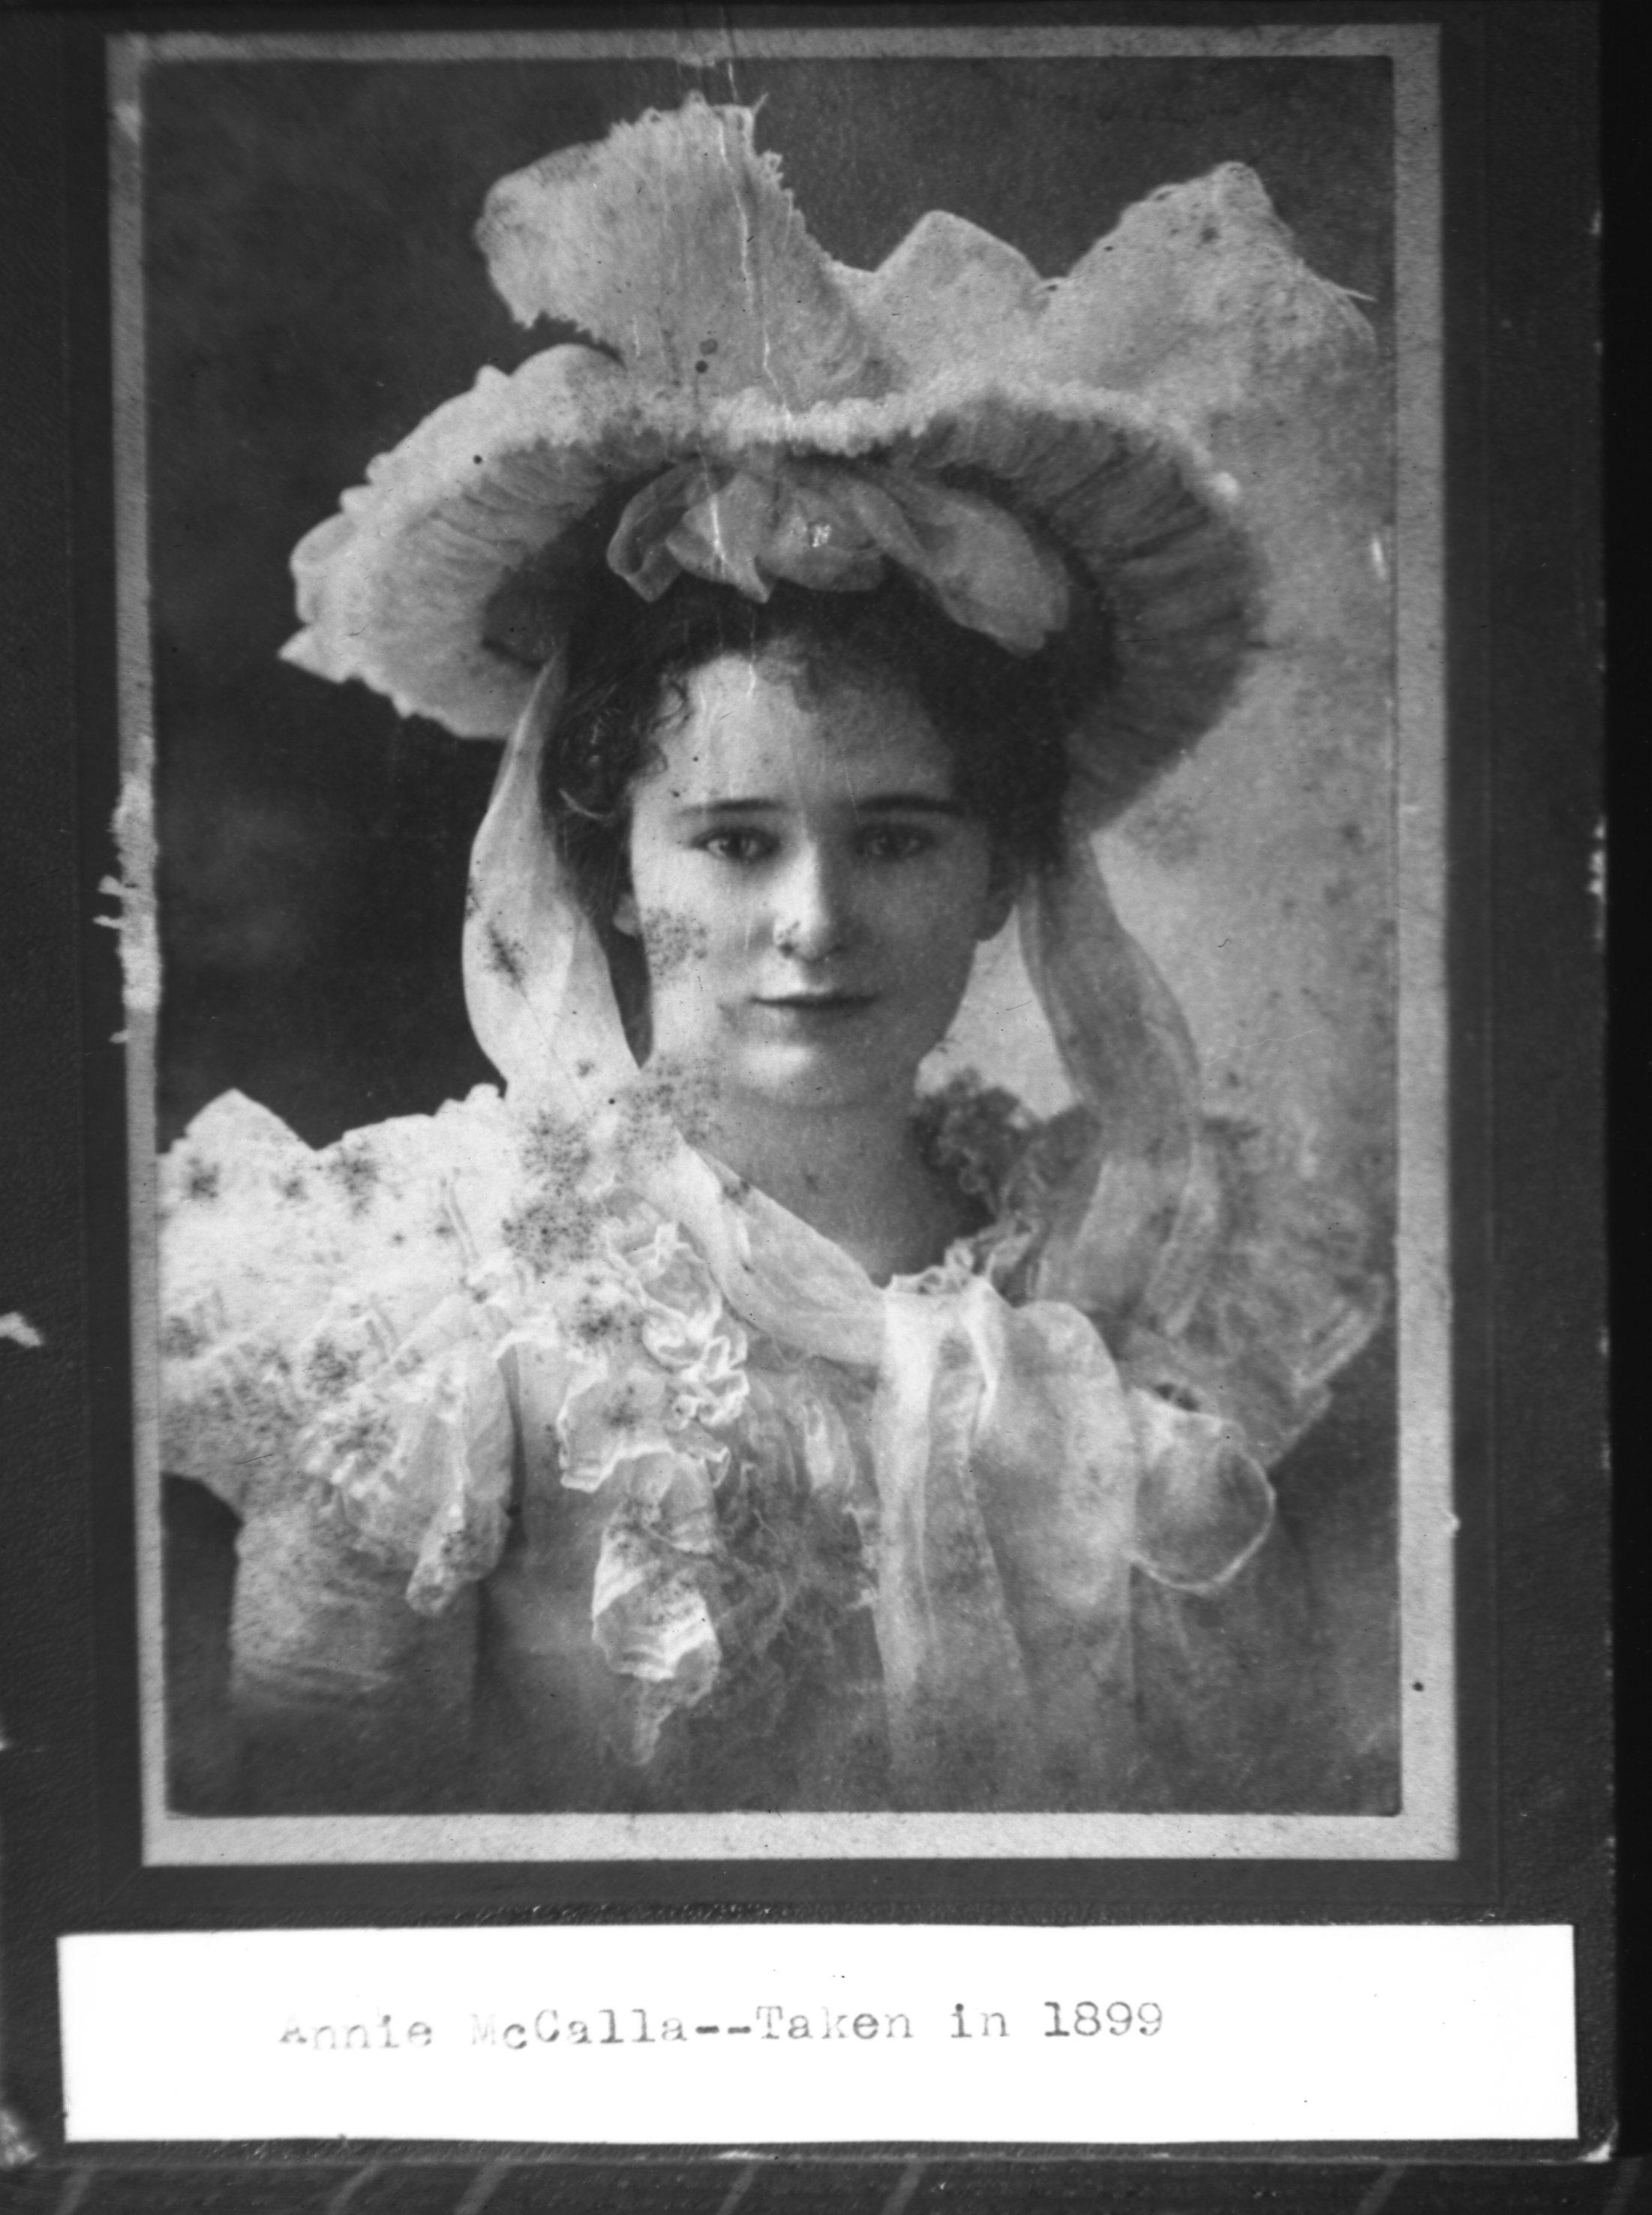 Annie McCalla